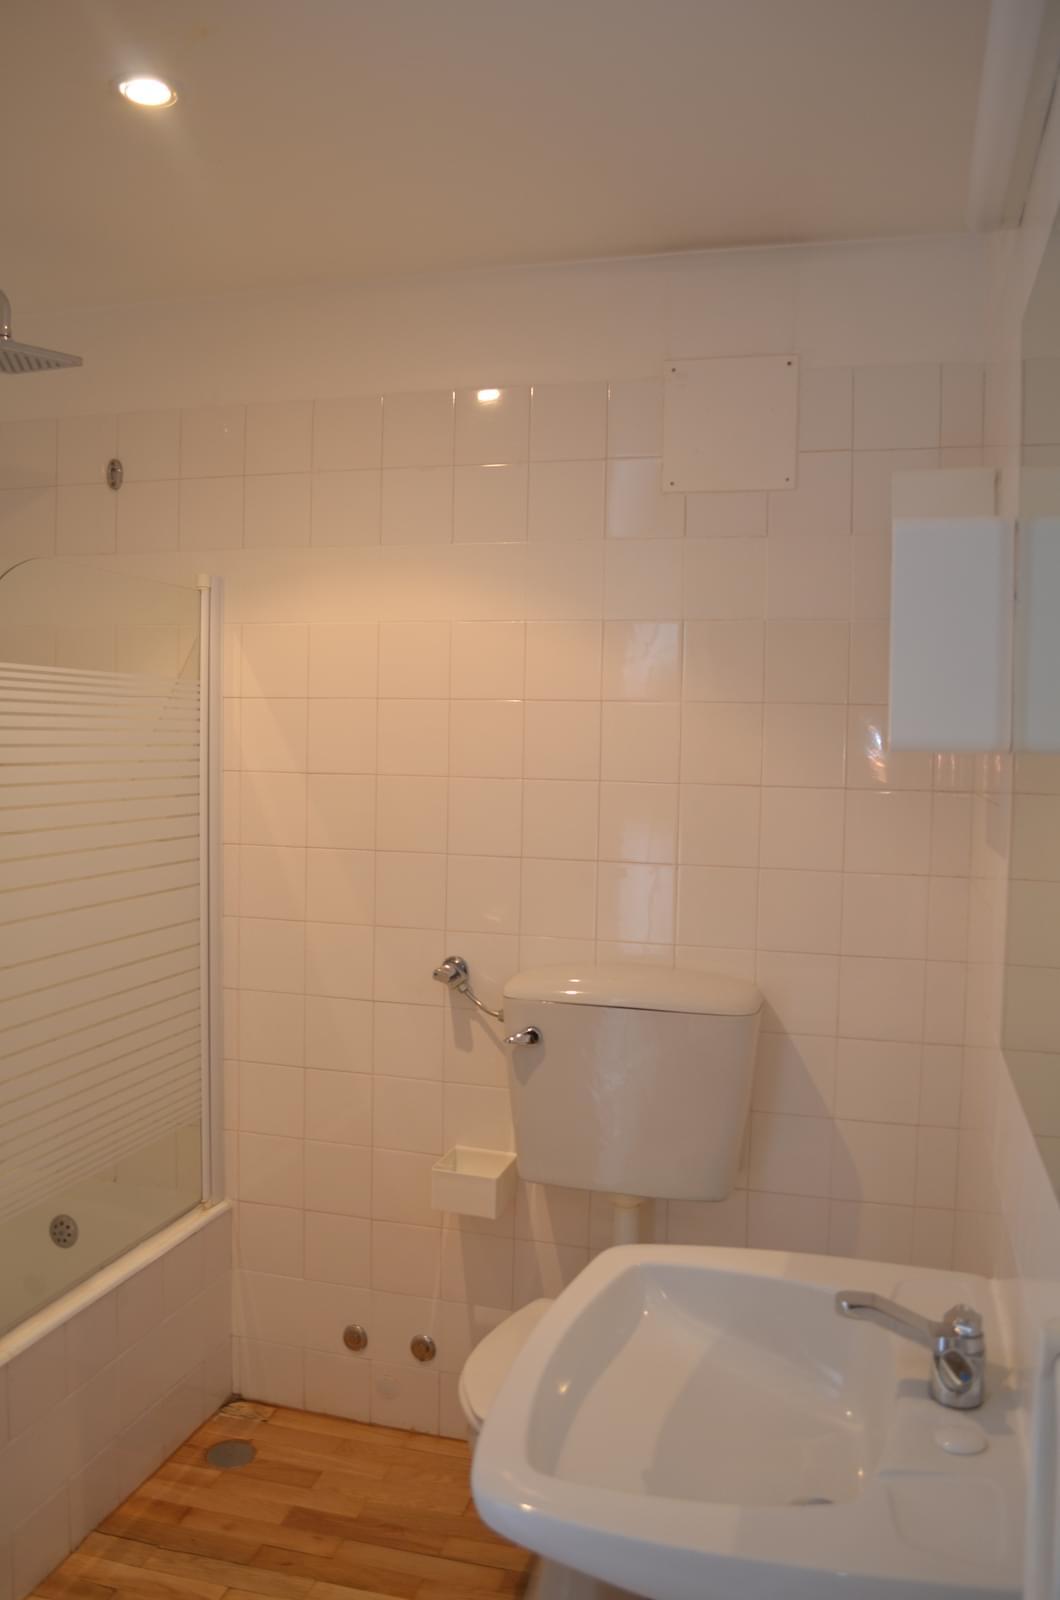 pf17565-apartamento-t3-lisboa-ec0a6234-13f8-49a2-bbf0-9ee1a9b353b3